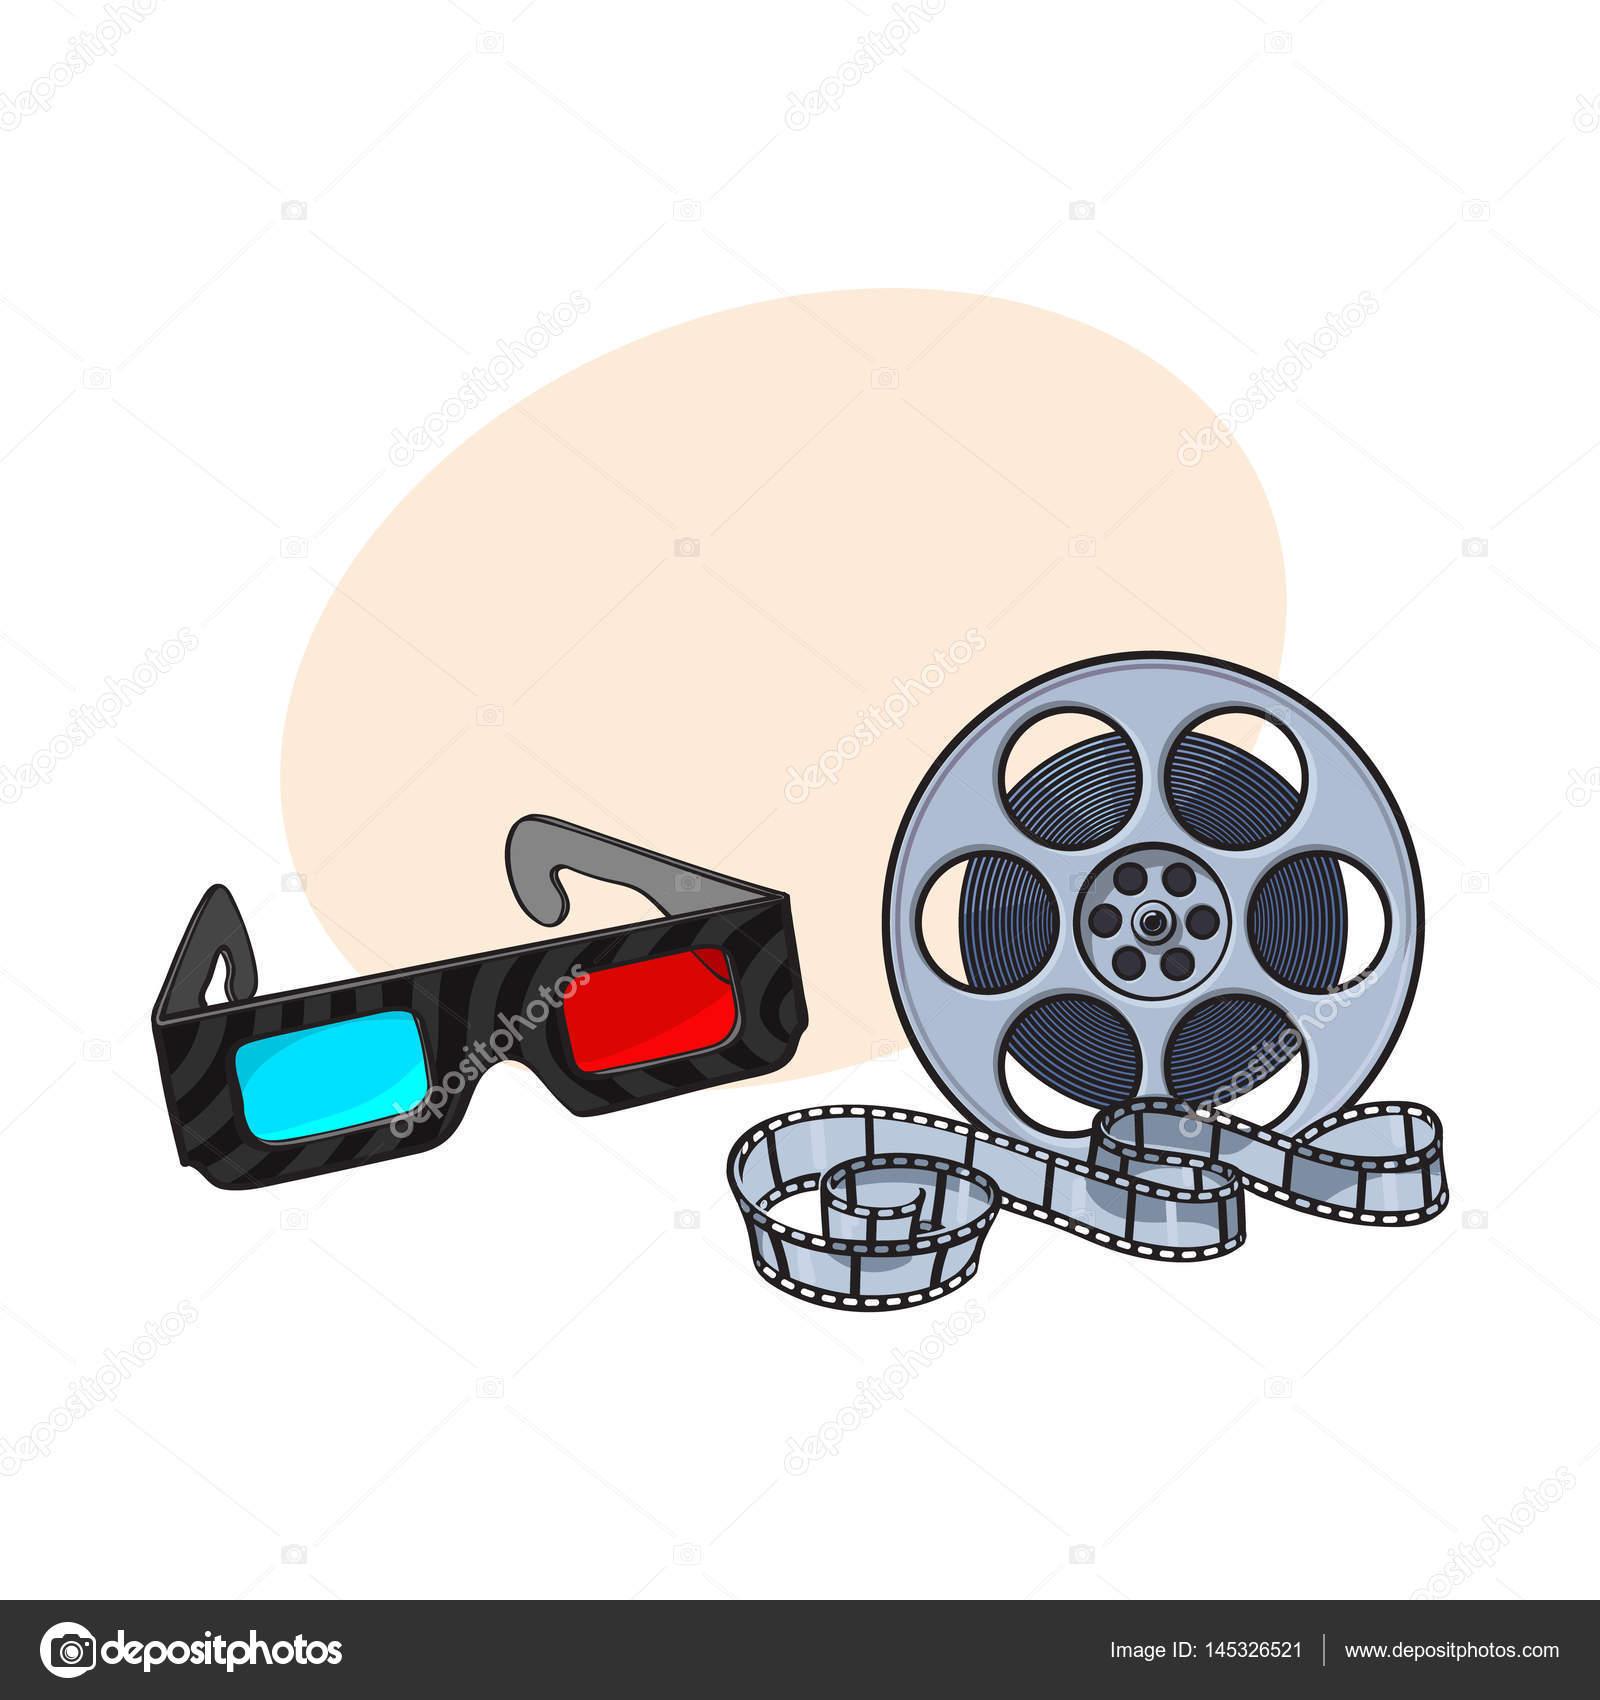 蓝色和红色立体 3d 眼镜,电影胶片卷轴,电影票,素描矢量图和文本的